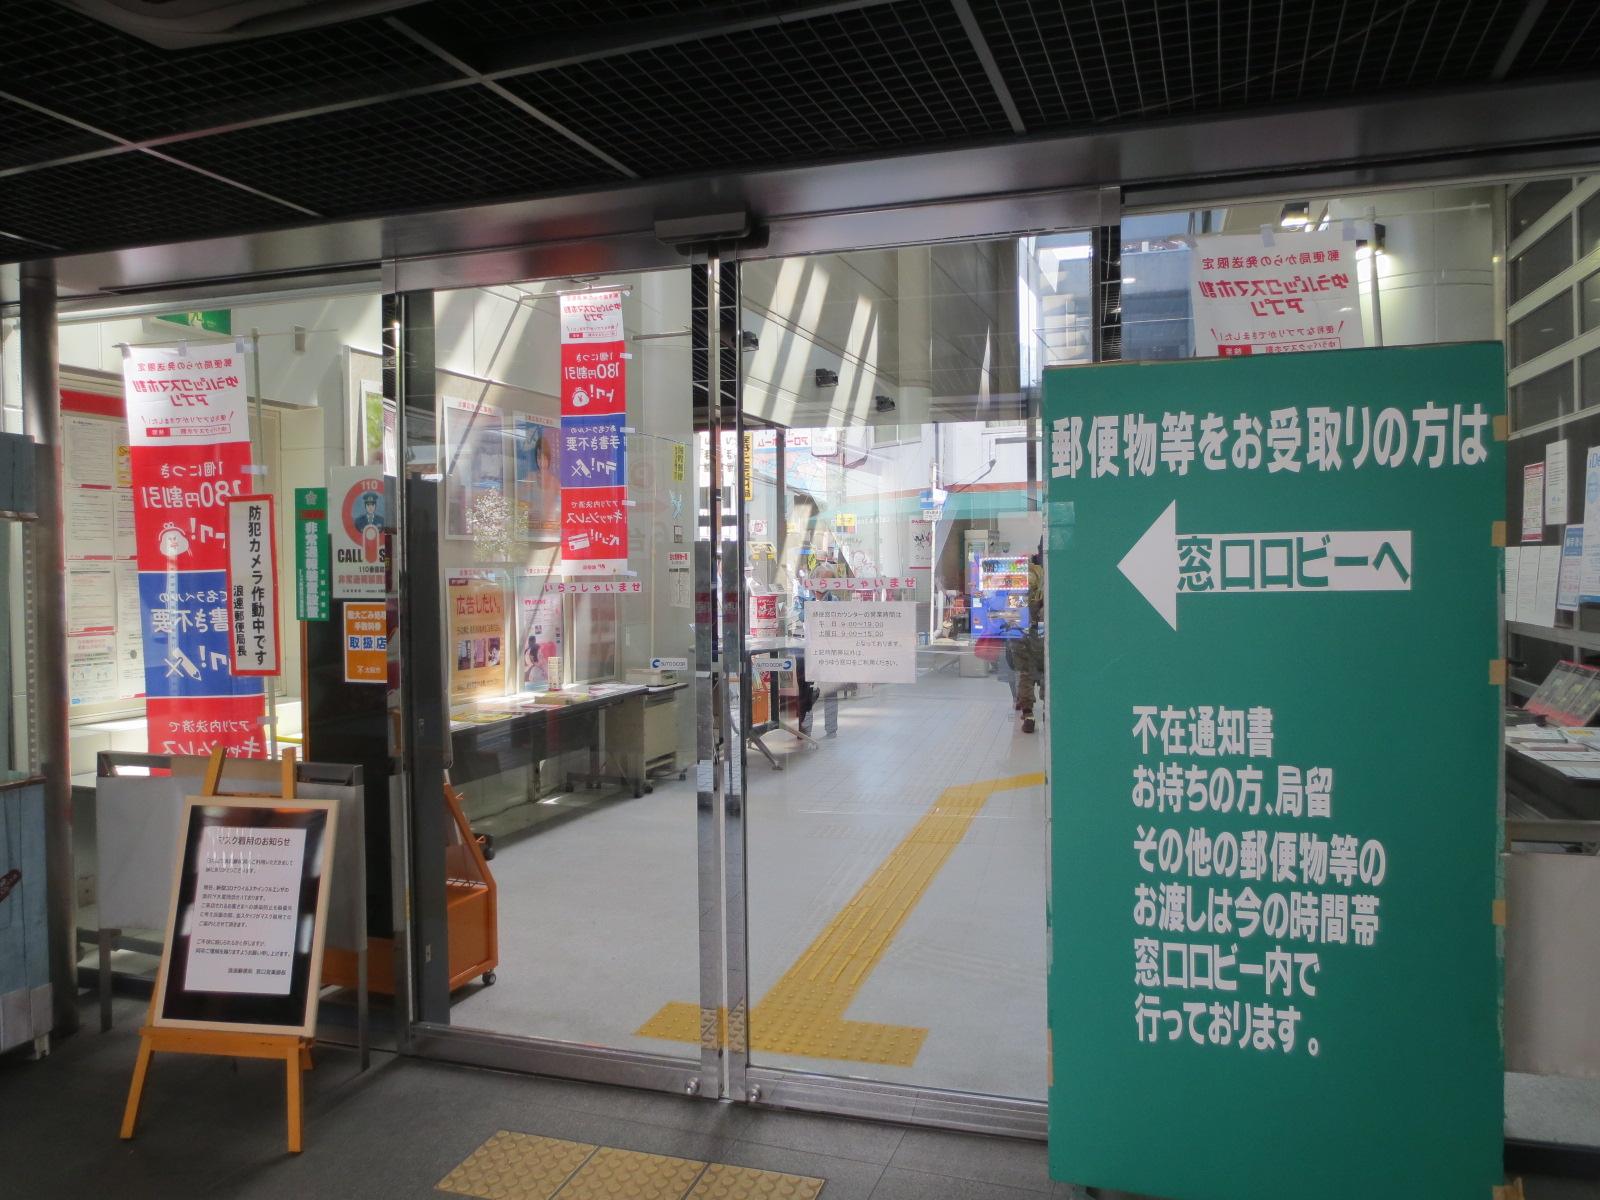 浪速郵便局:入口